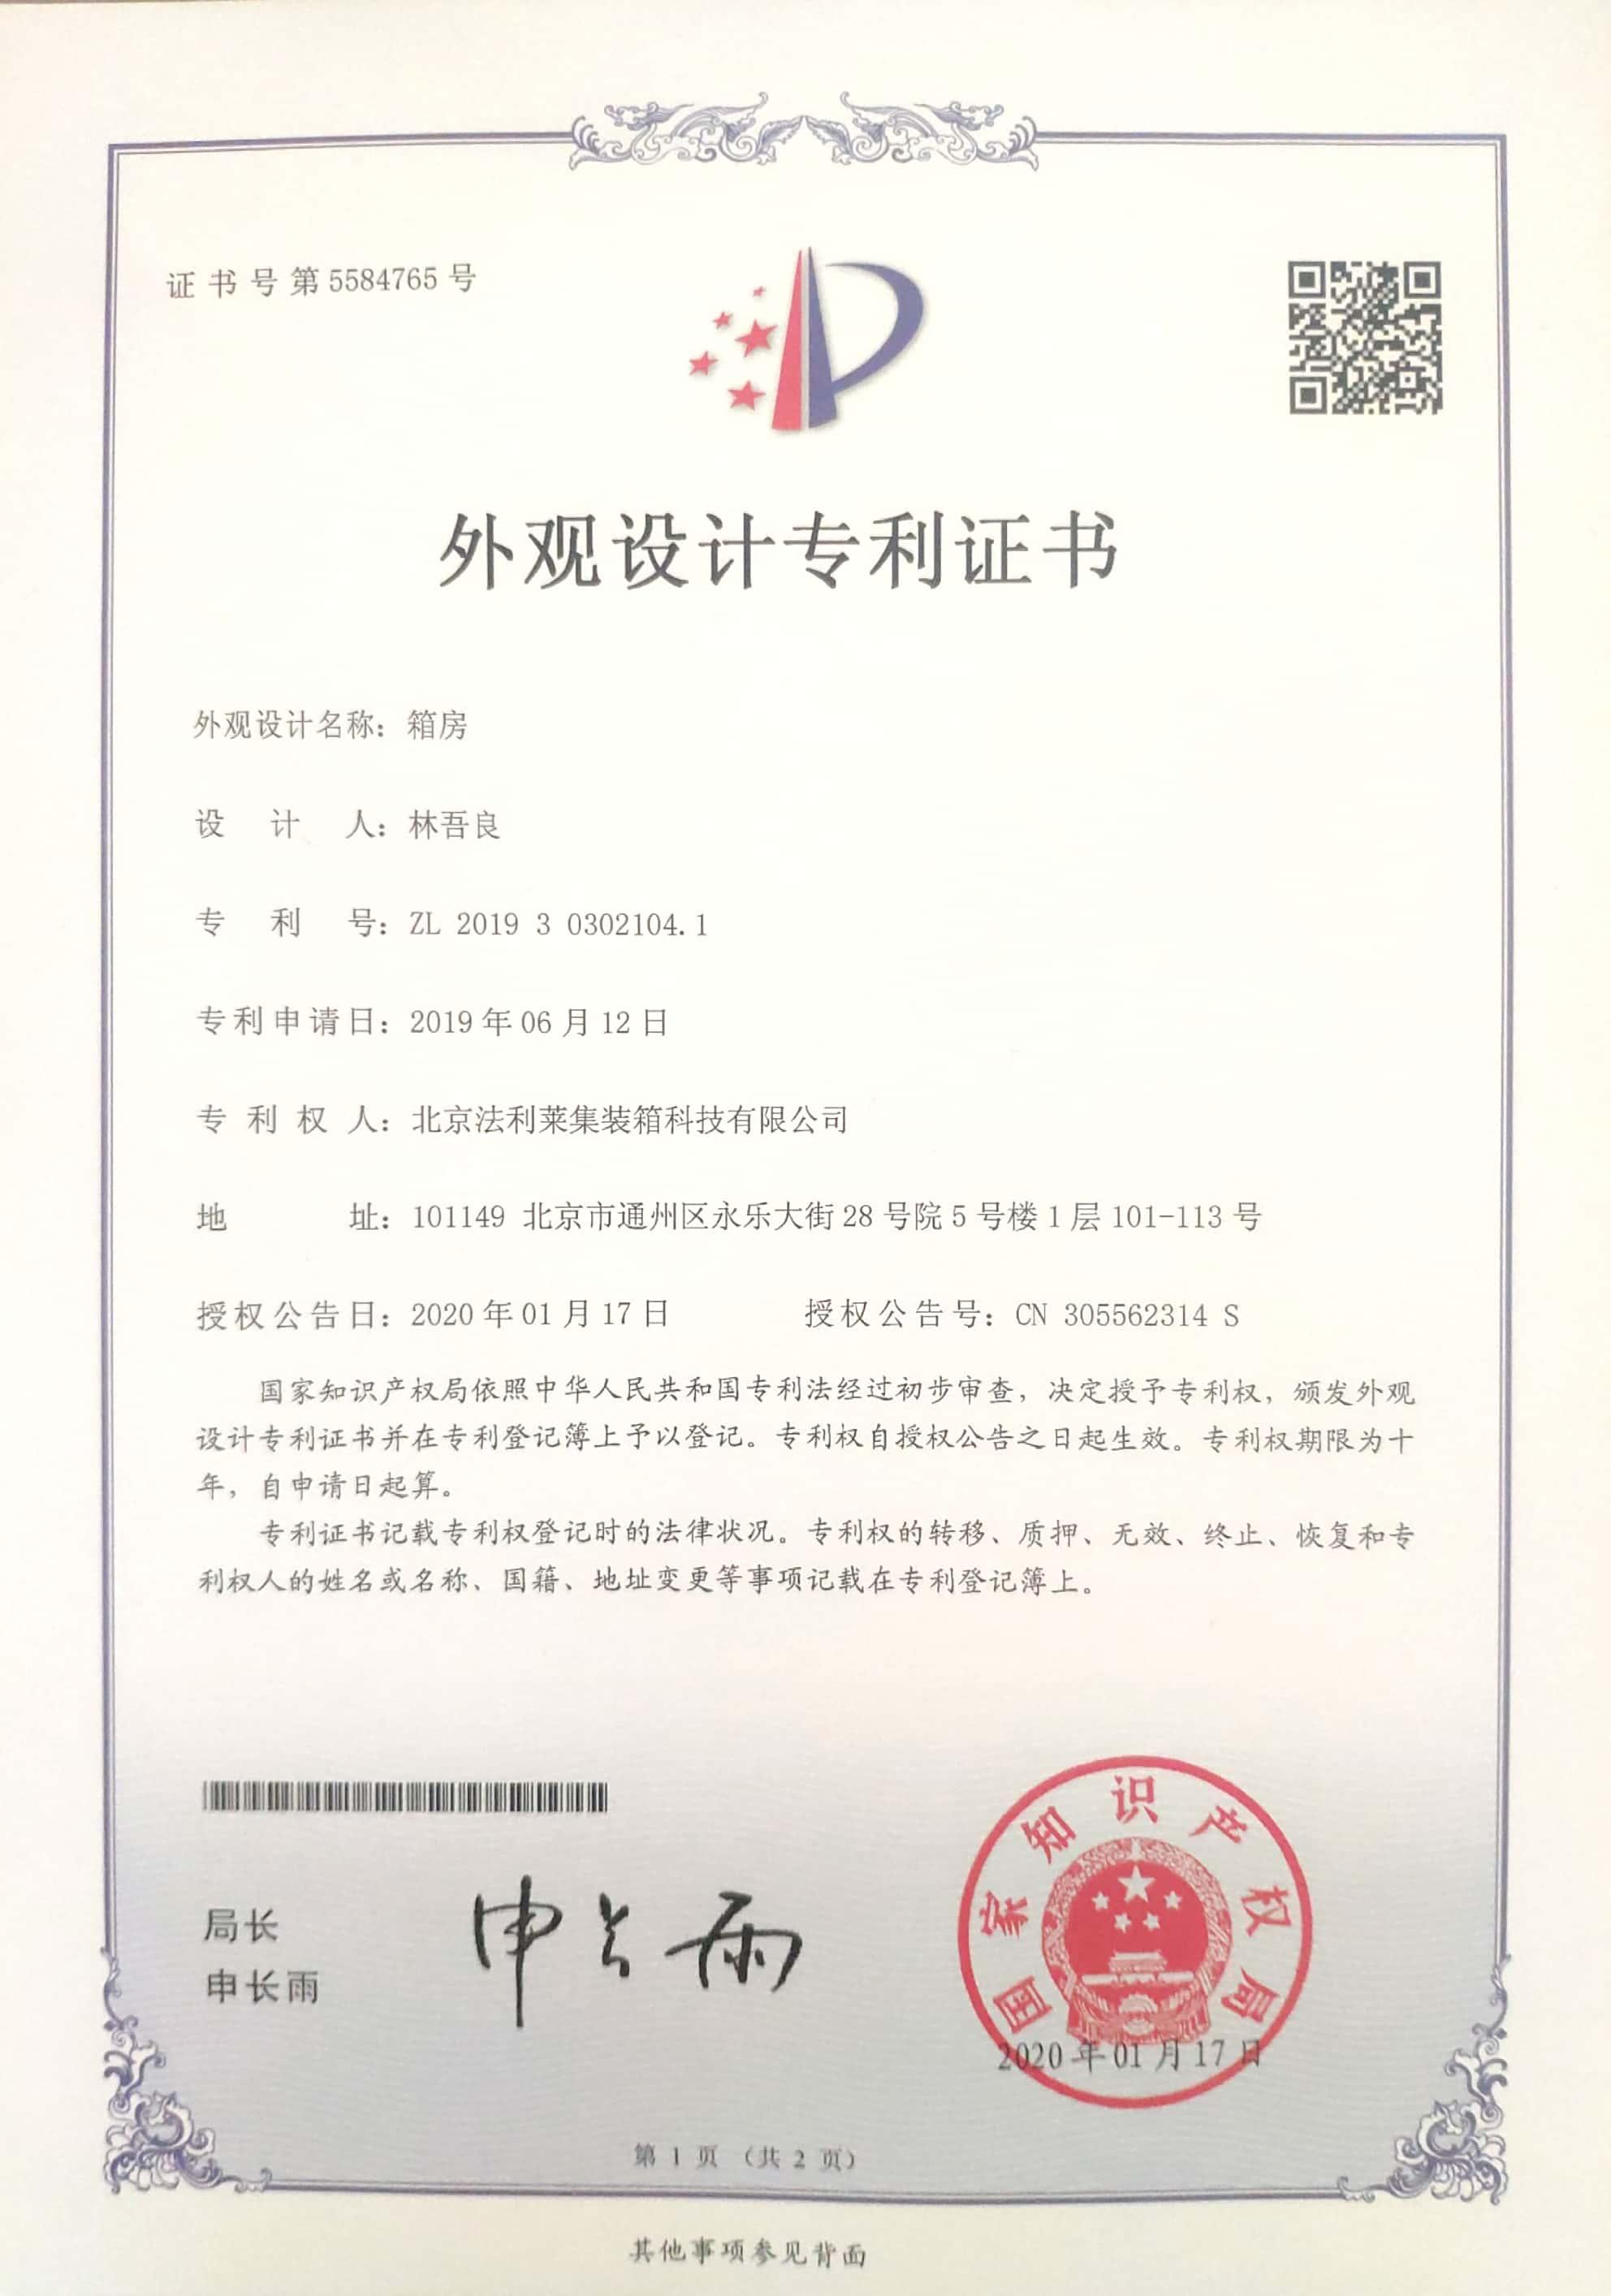 箱房-外觀專利設計證書